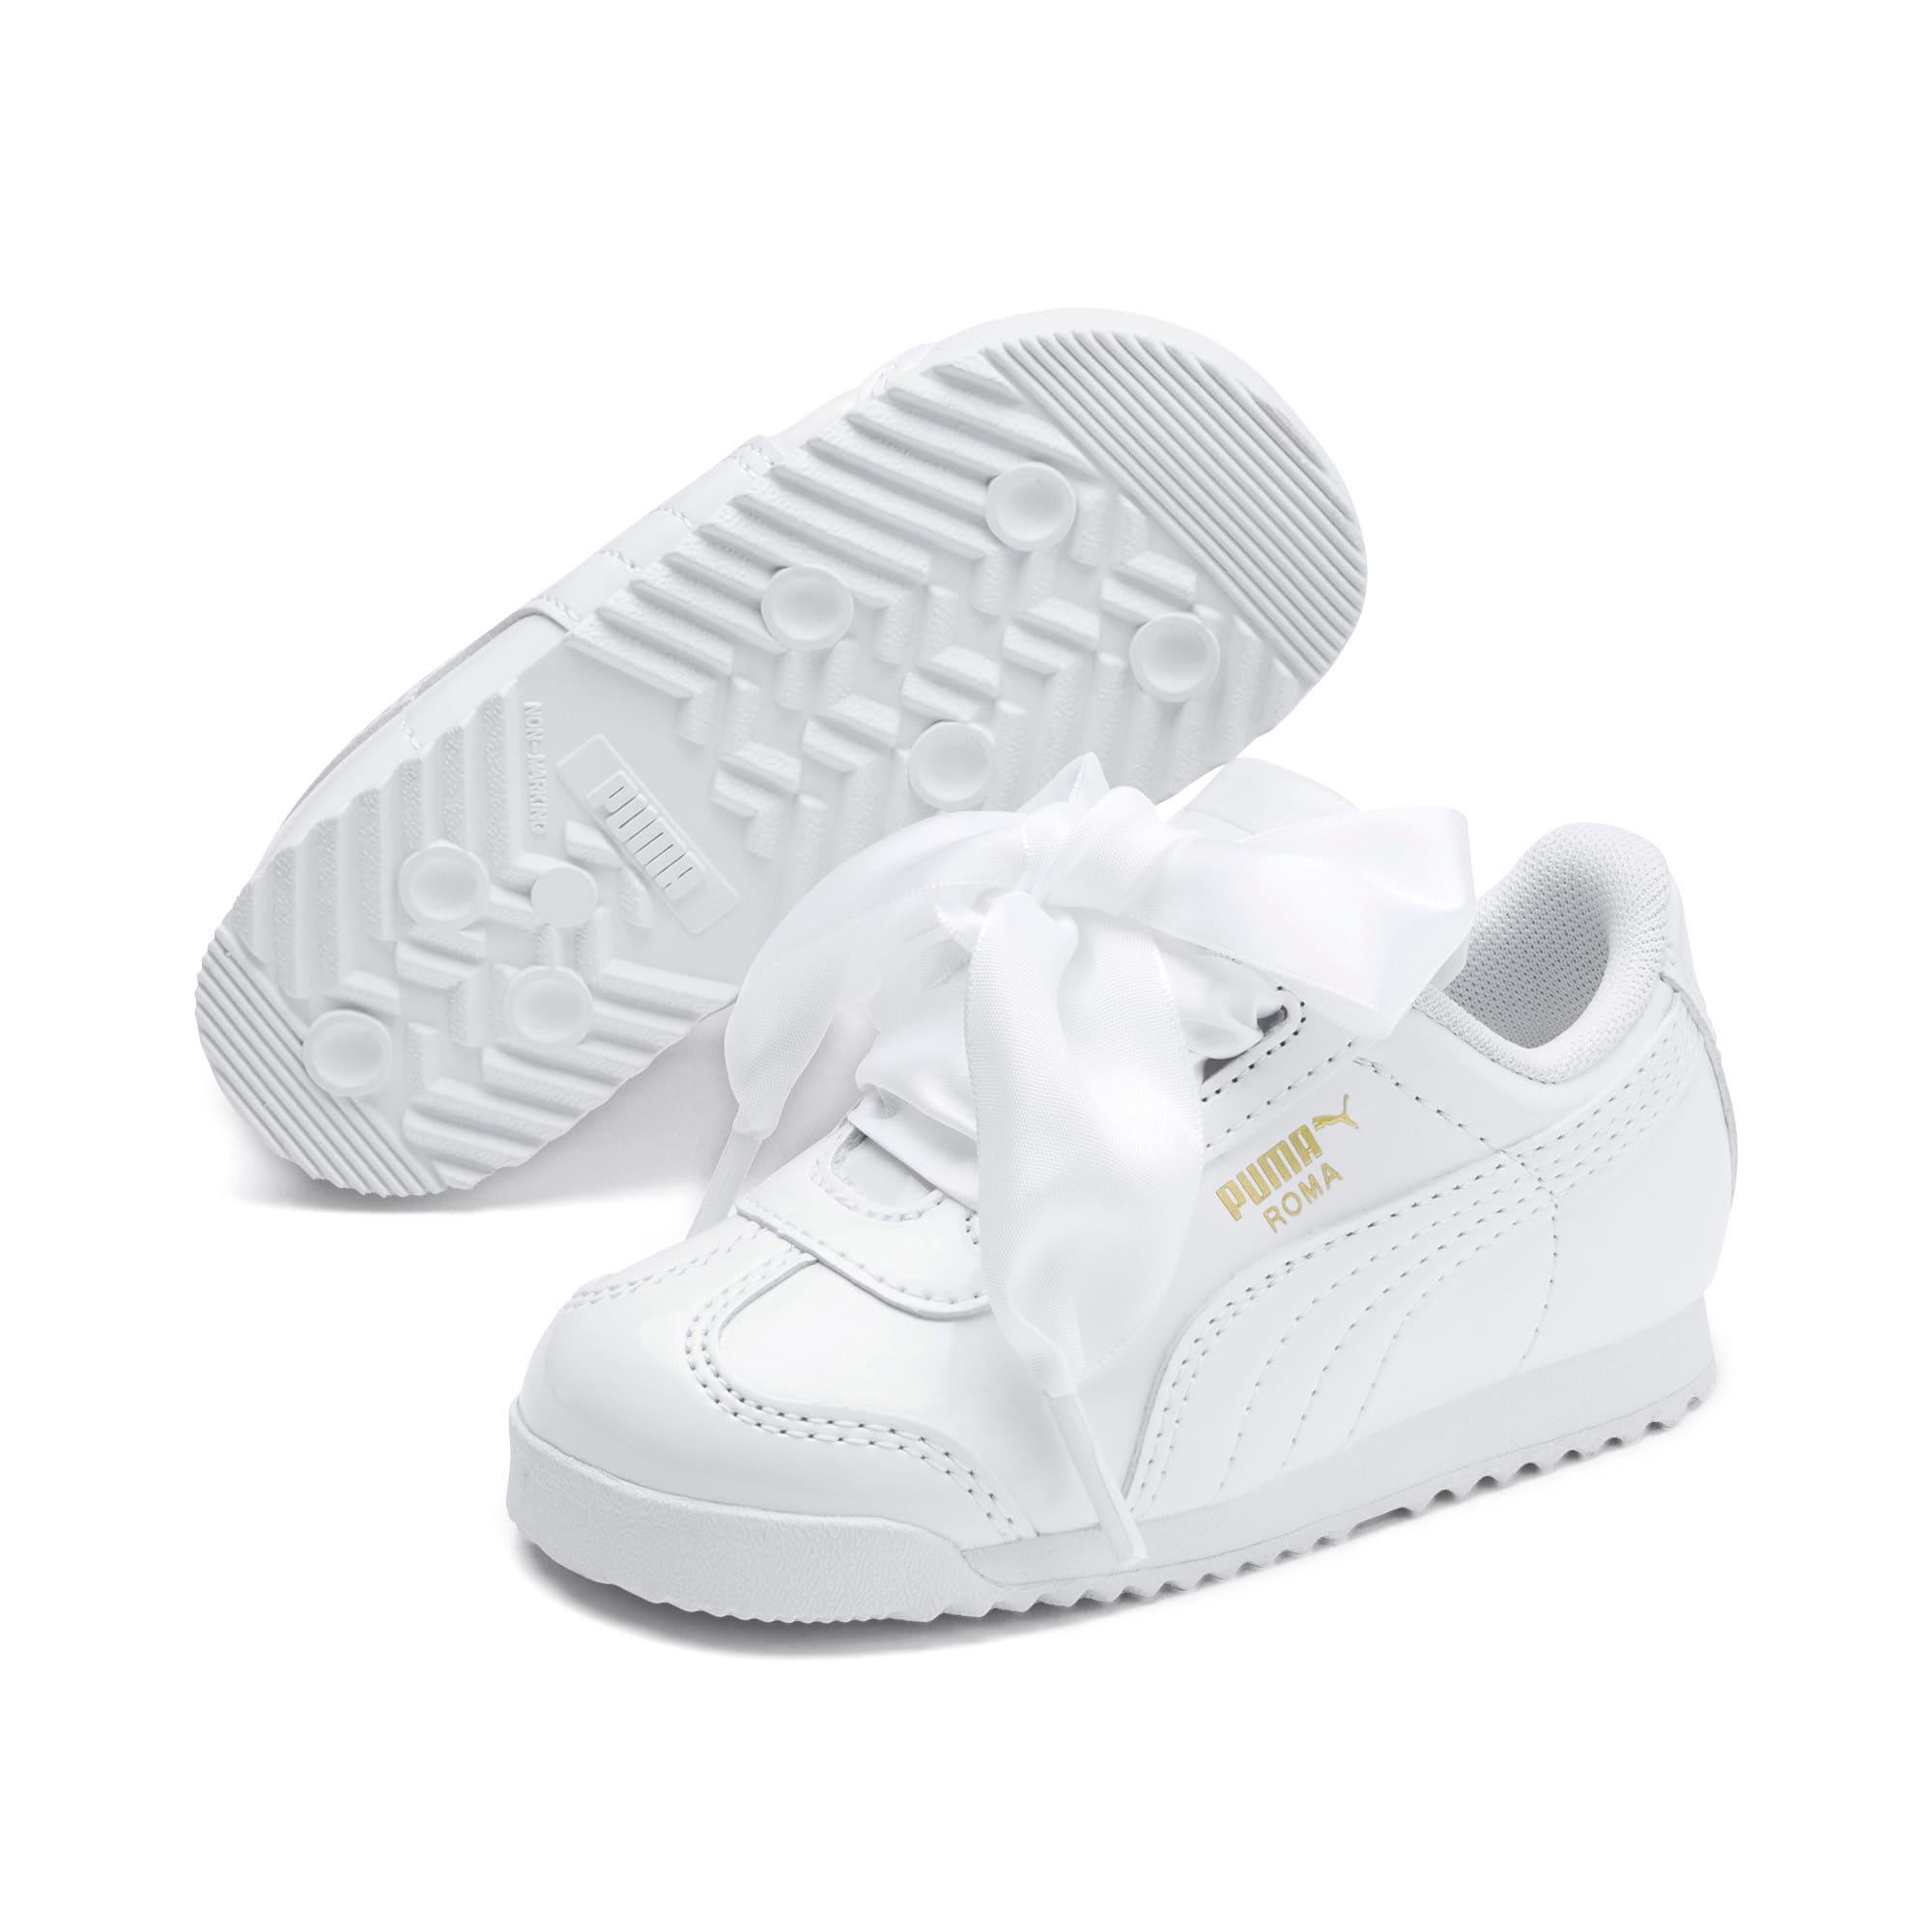 Miniatura 2 de Zapatos de charol Roma Heart para bebé, Puma White, mediano